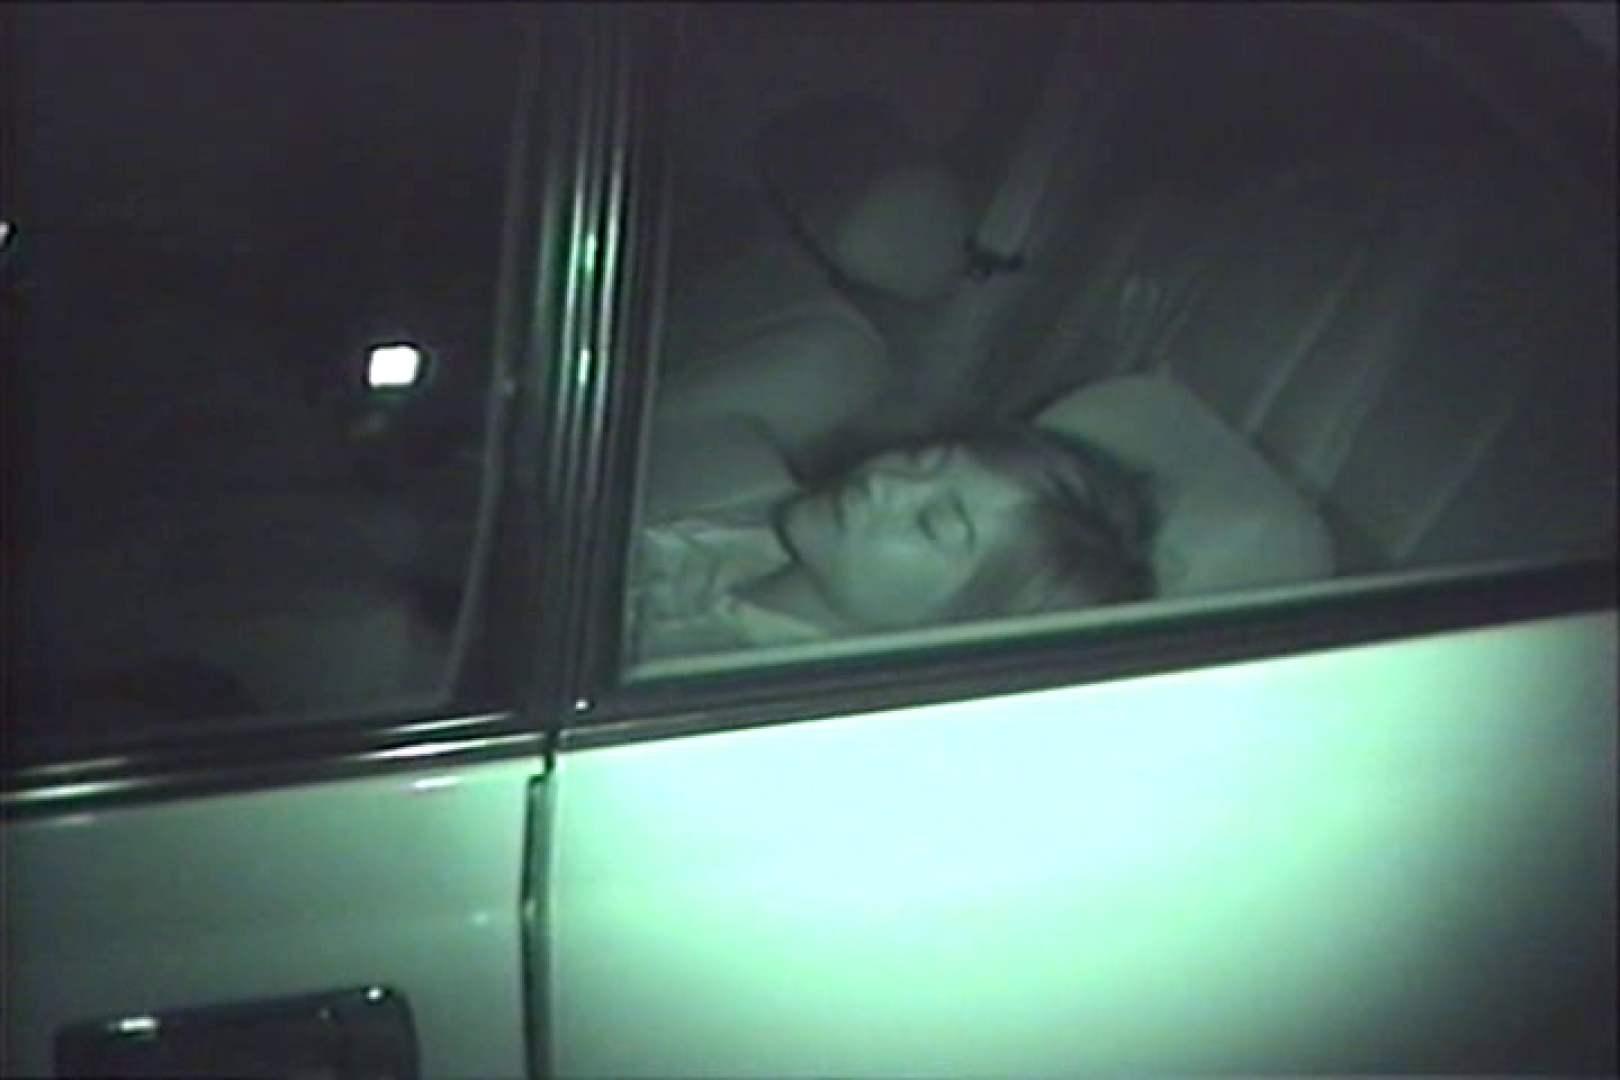 車の中はラブホテル 無修正版  Vol.18 喘ぎオンナ | カップル  49pic 8